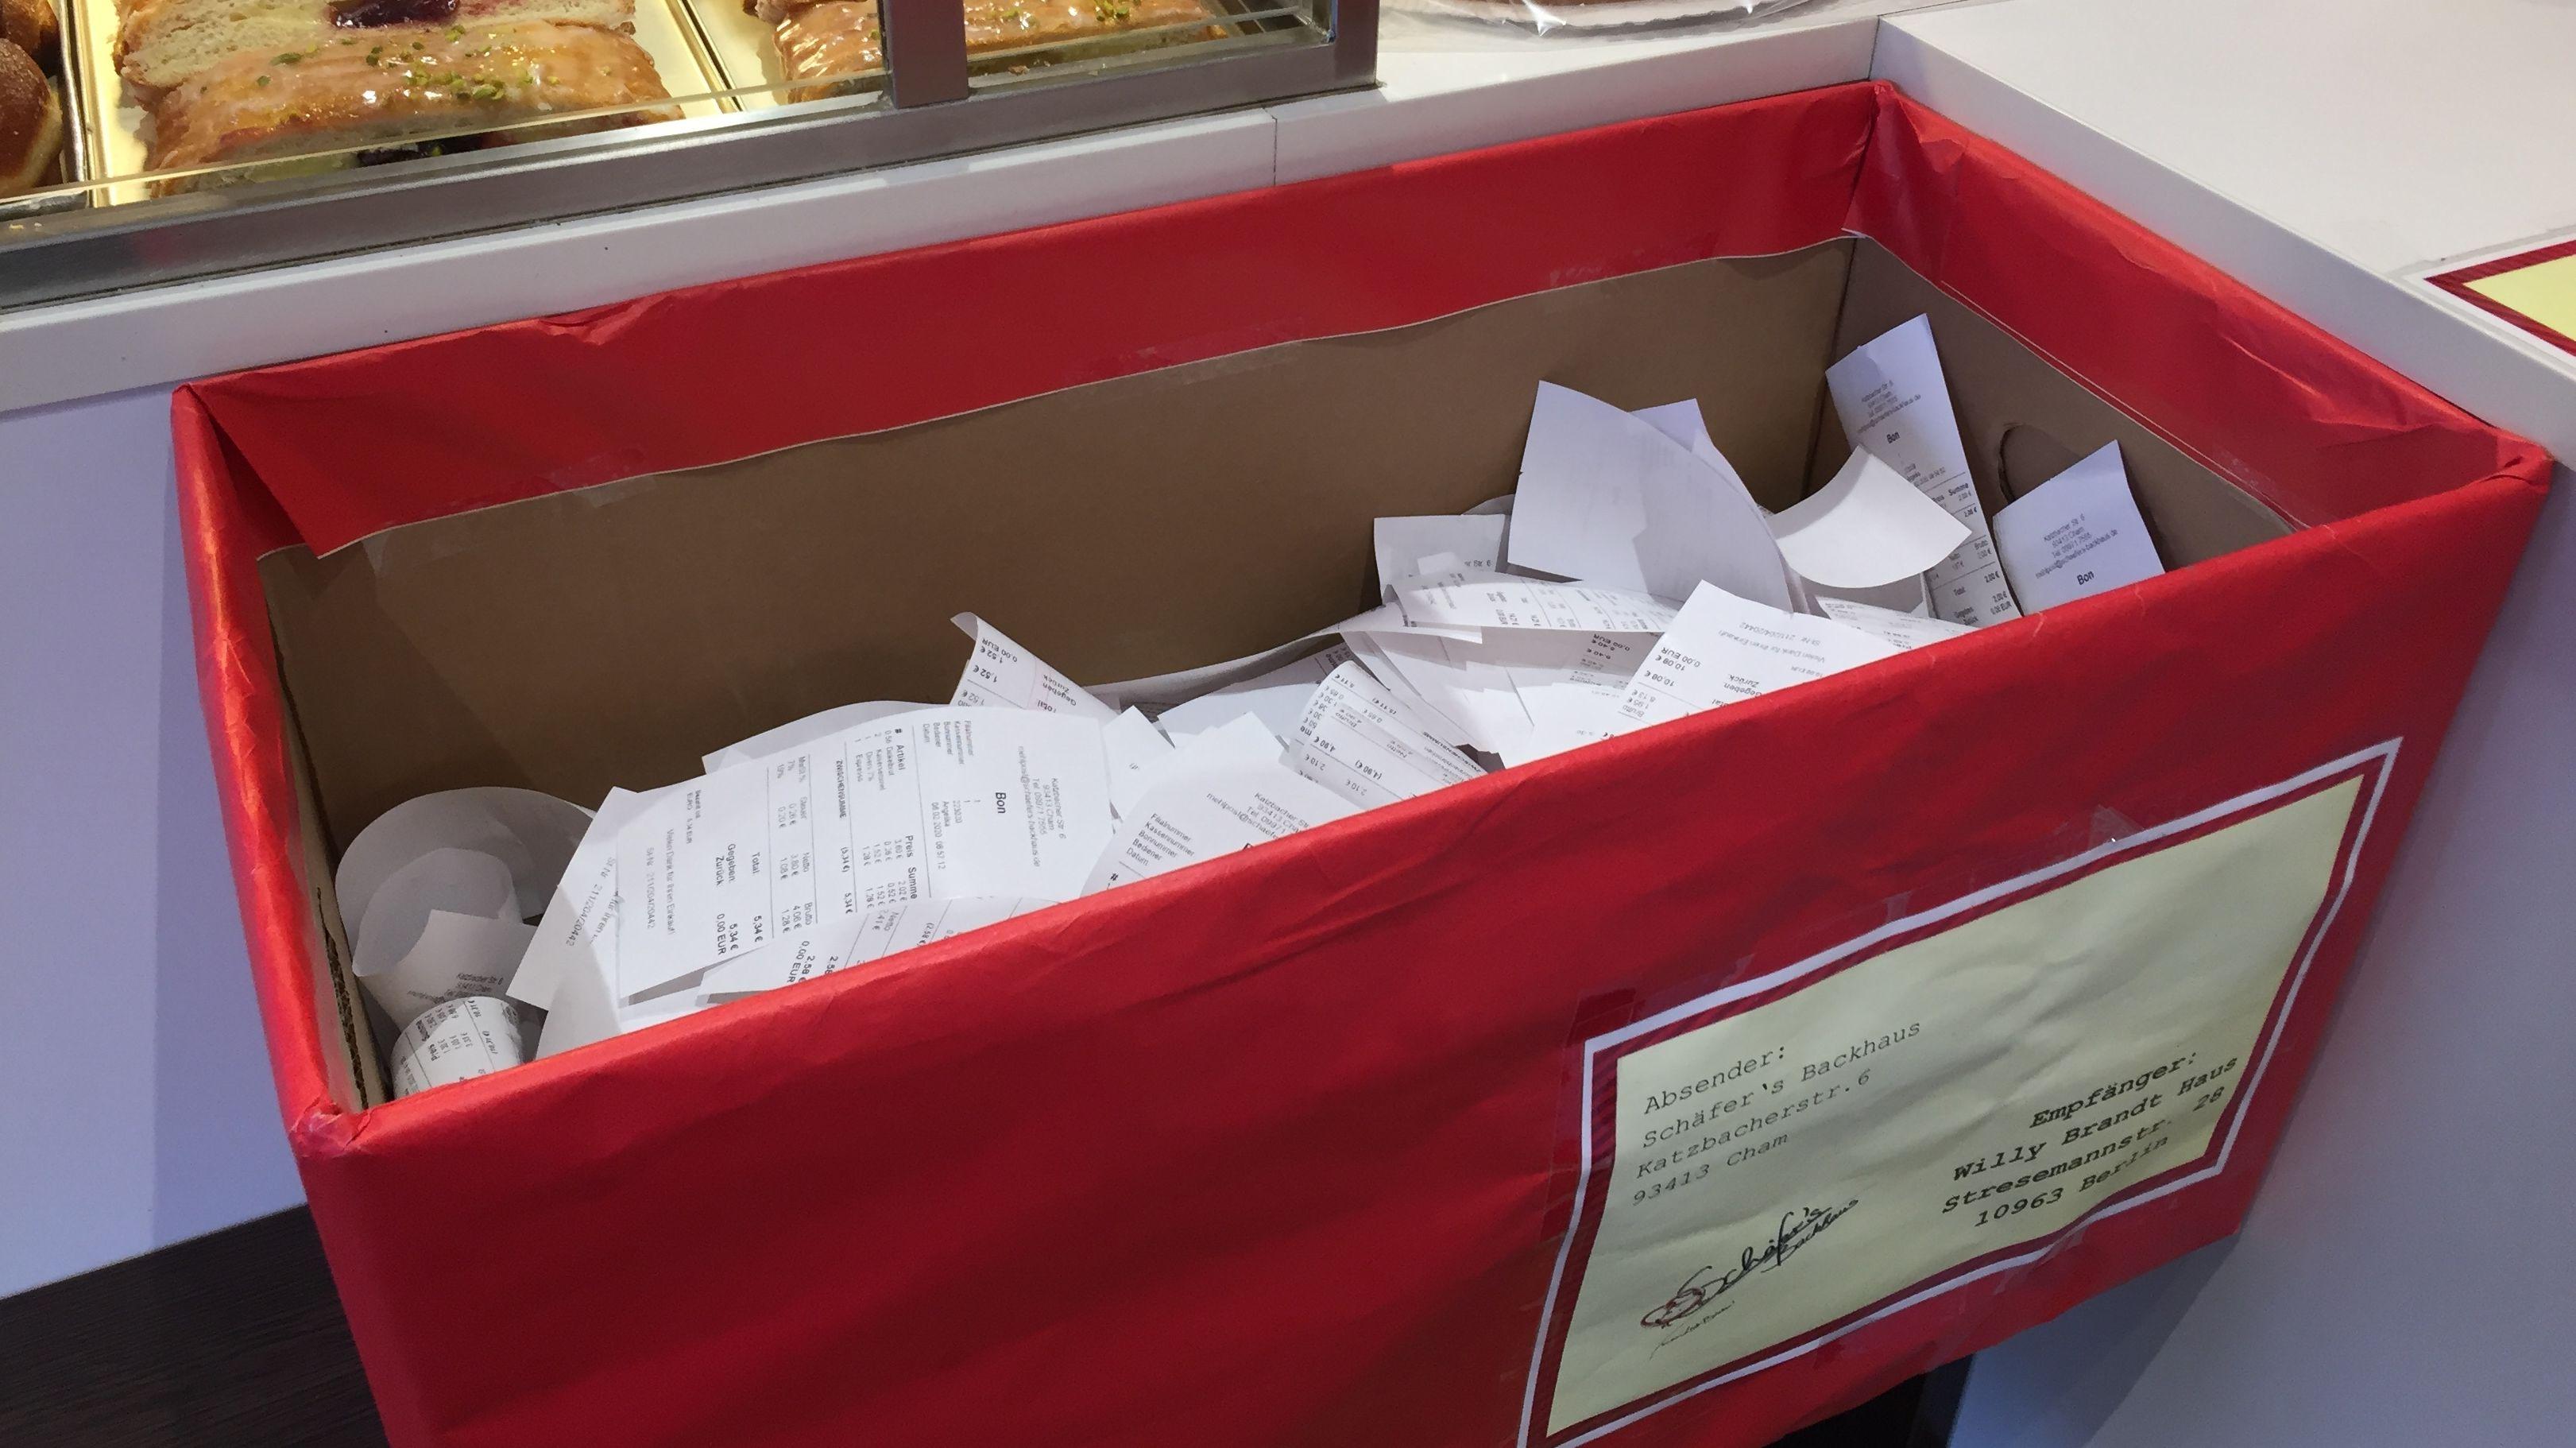 Täglich fallen mehrere Hundert Kassenbons an. Wenn sie nicht mitgenommen werden, landen sie in einer Schachtel.